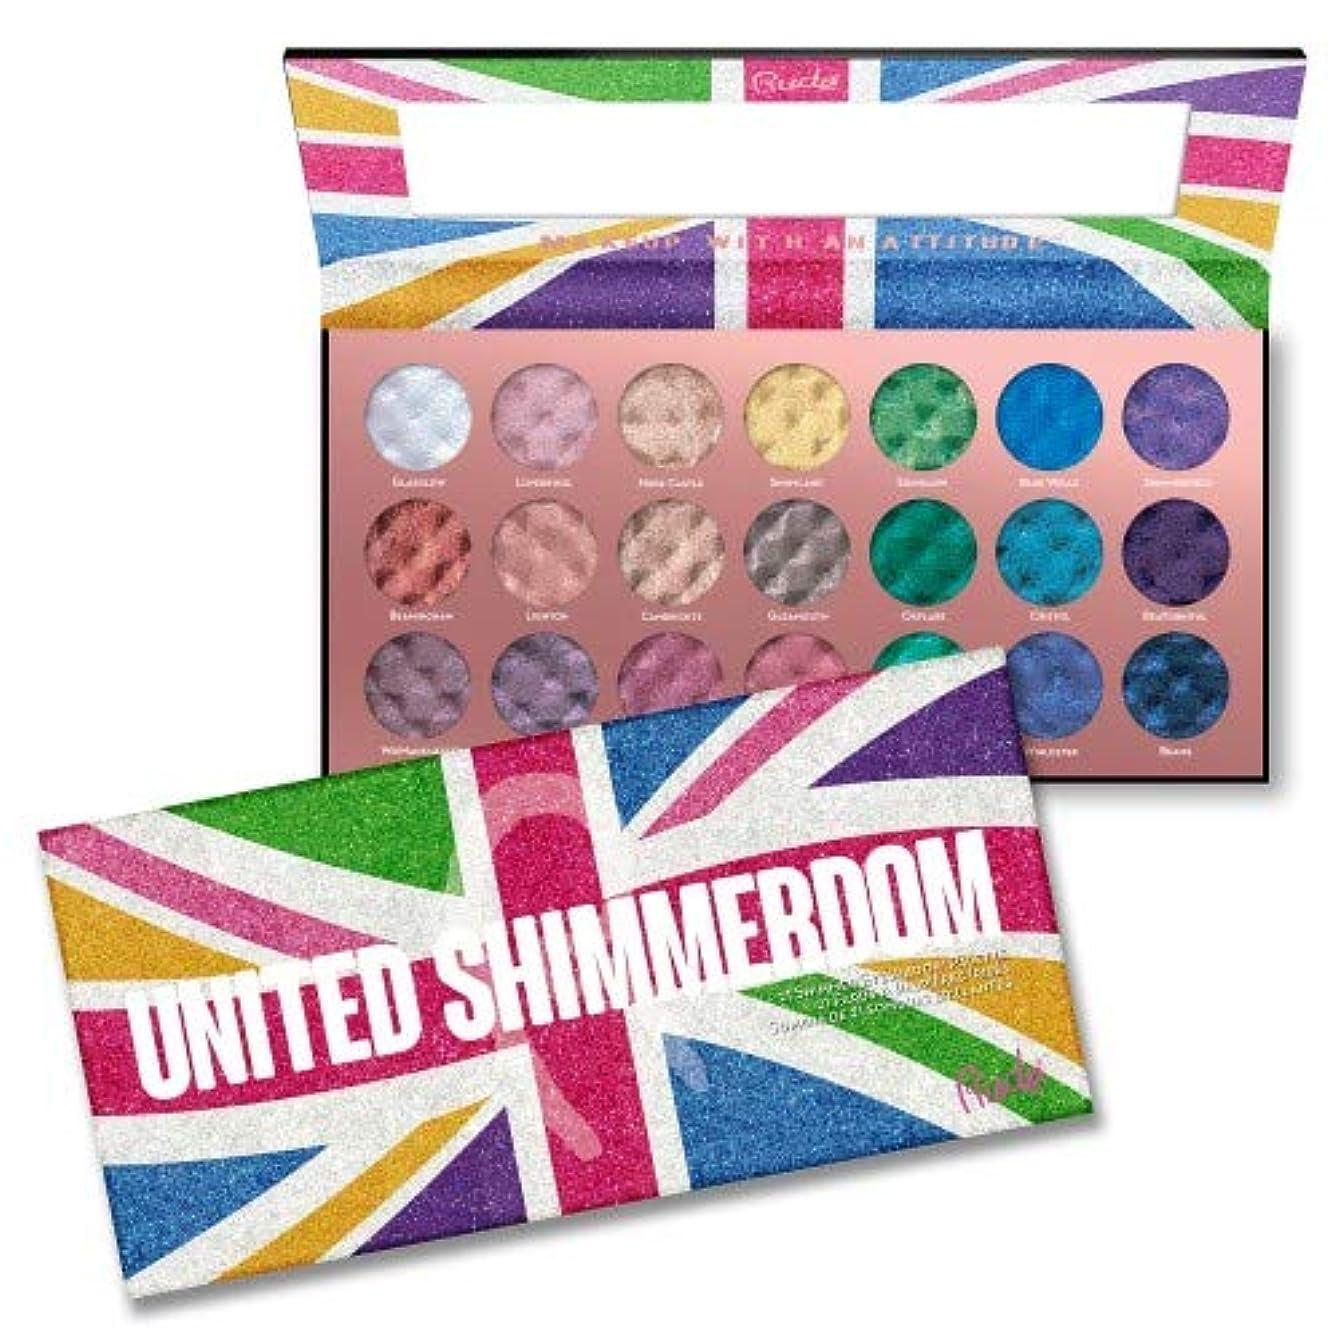 物思いにふける組立対角線RUDE United Shimmerdom - 21 Shimmer Eyeshadow Palette (並行輸入品)